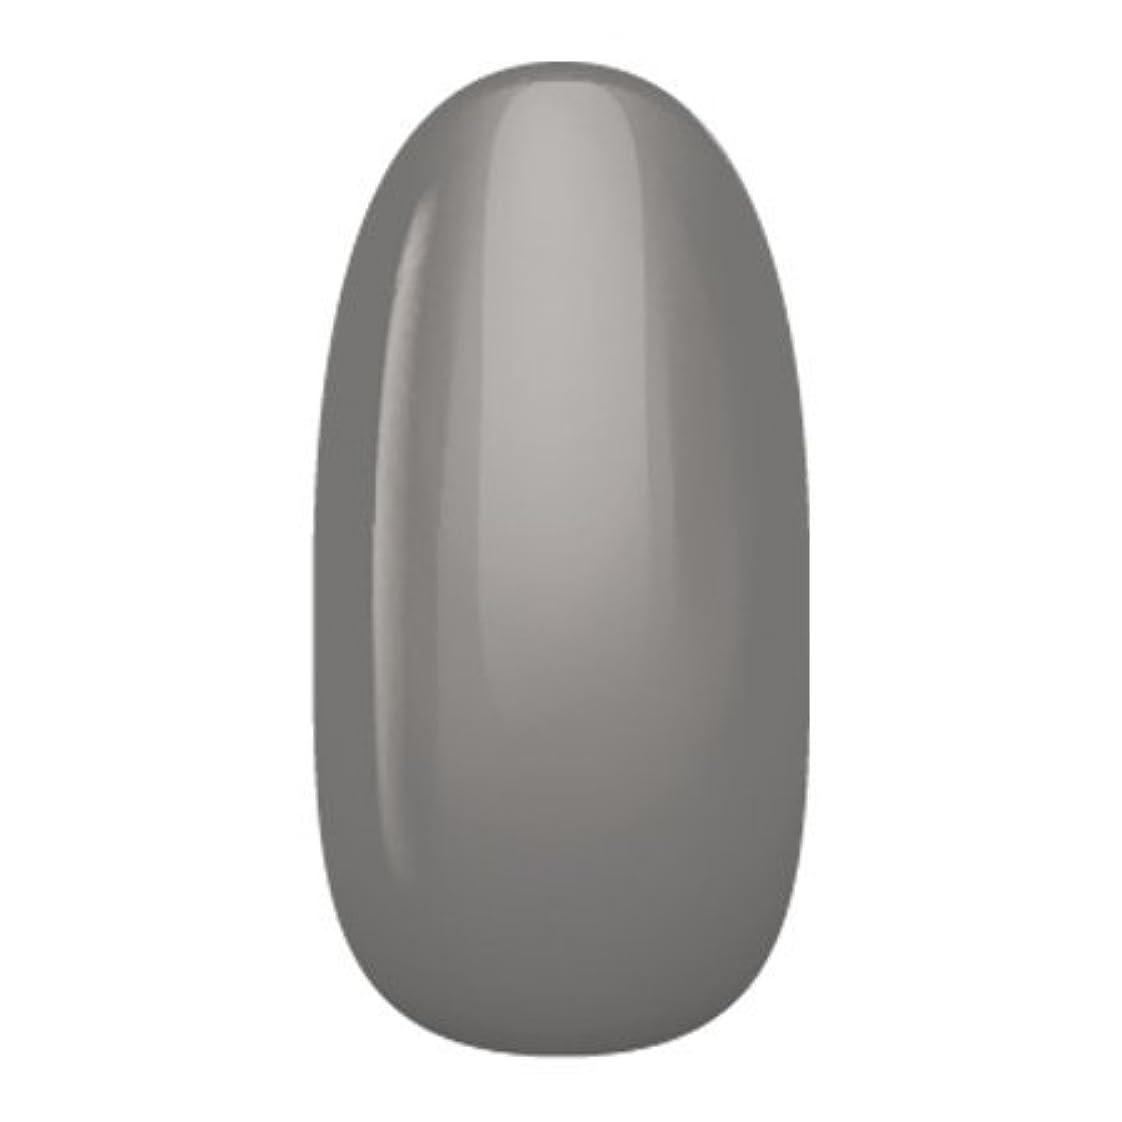 びっくりしたマトロン知性アイニティ ハイエンドカラー NE-06M チャコールグレイ 3g